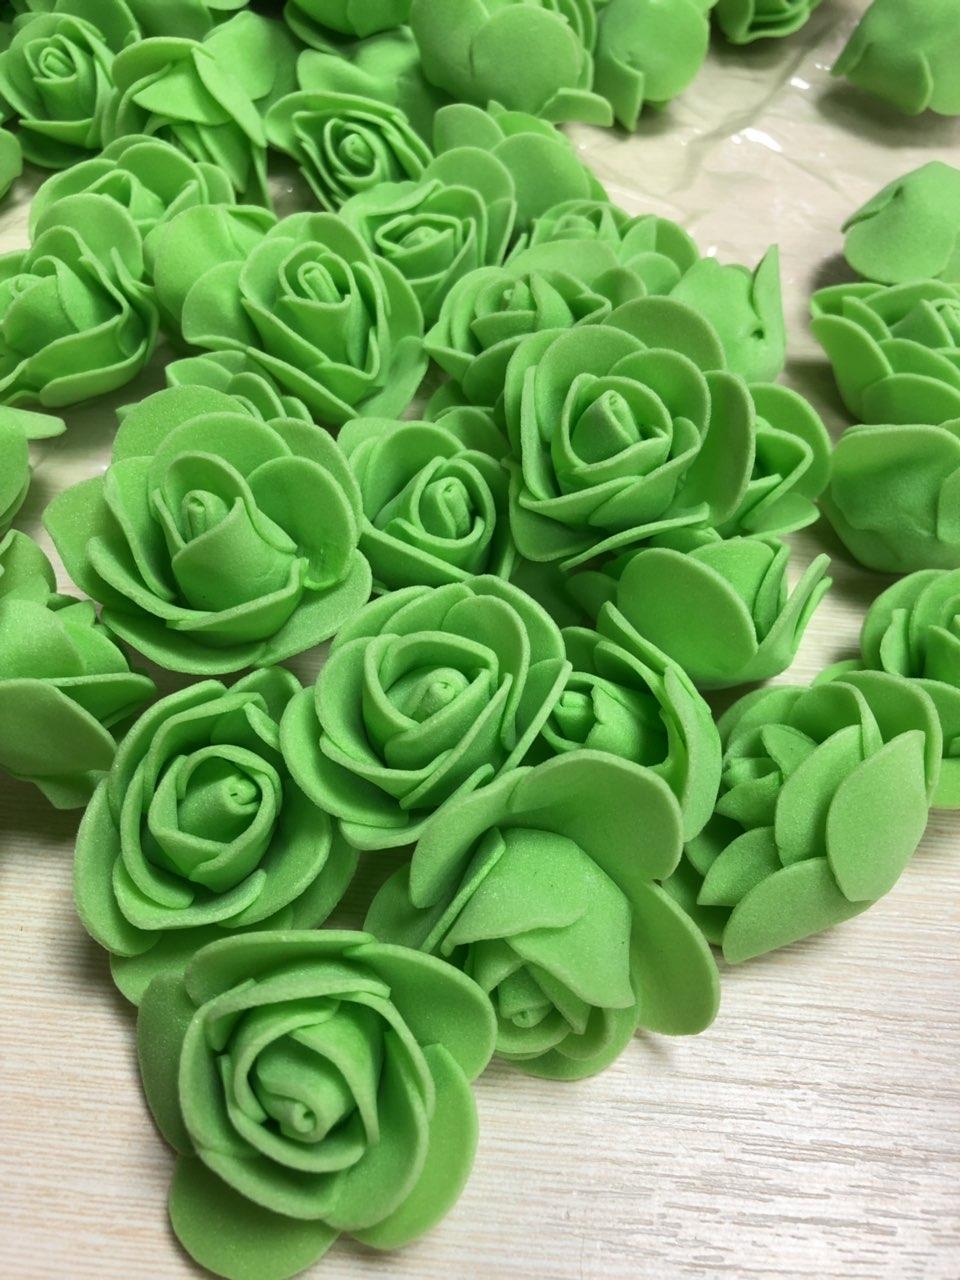 Розы из латекса, зеленый (ФОМ, FOAM) 500 шт пачка (для мишек)